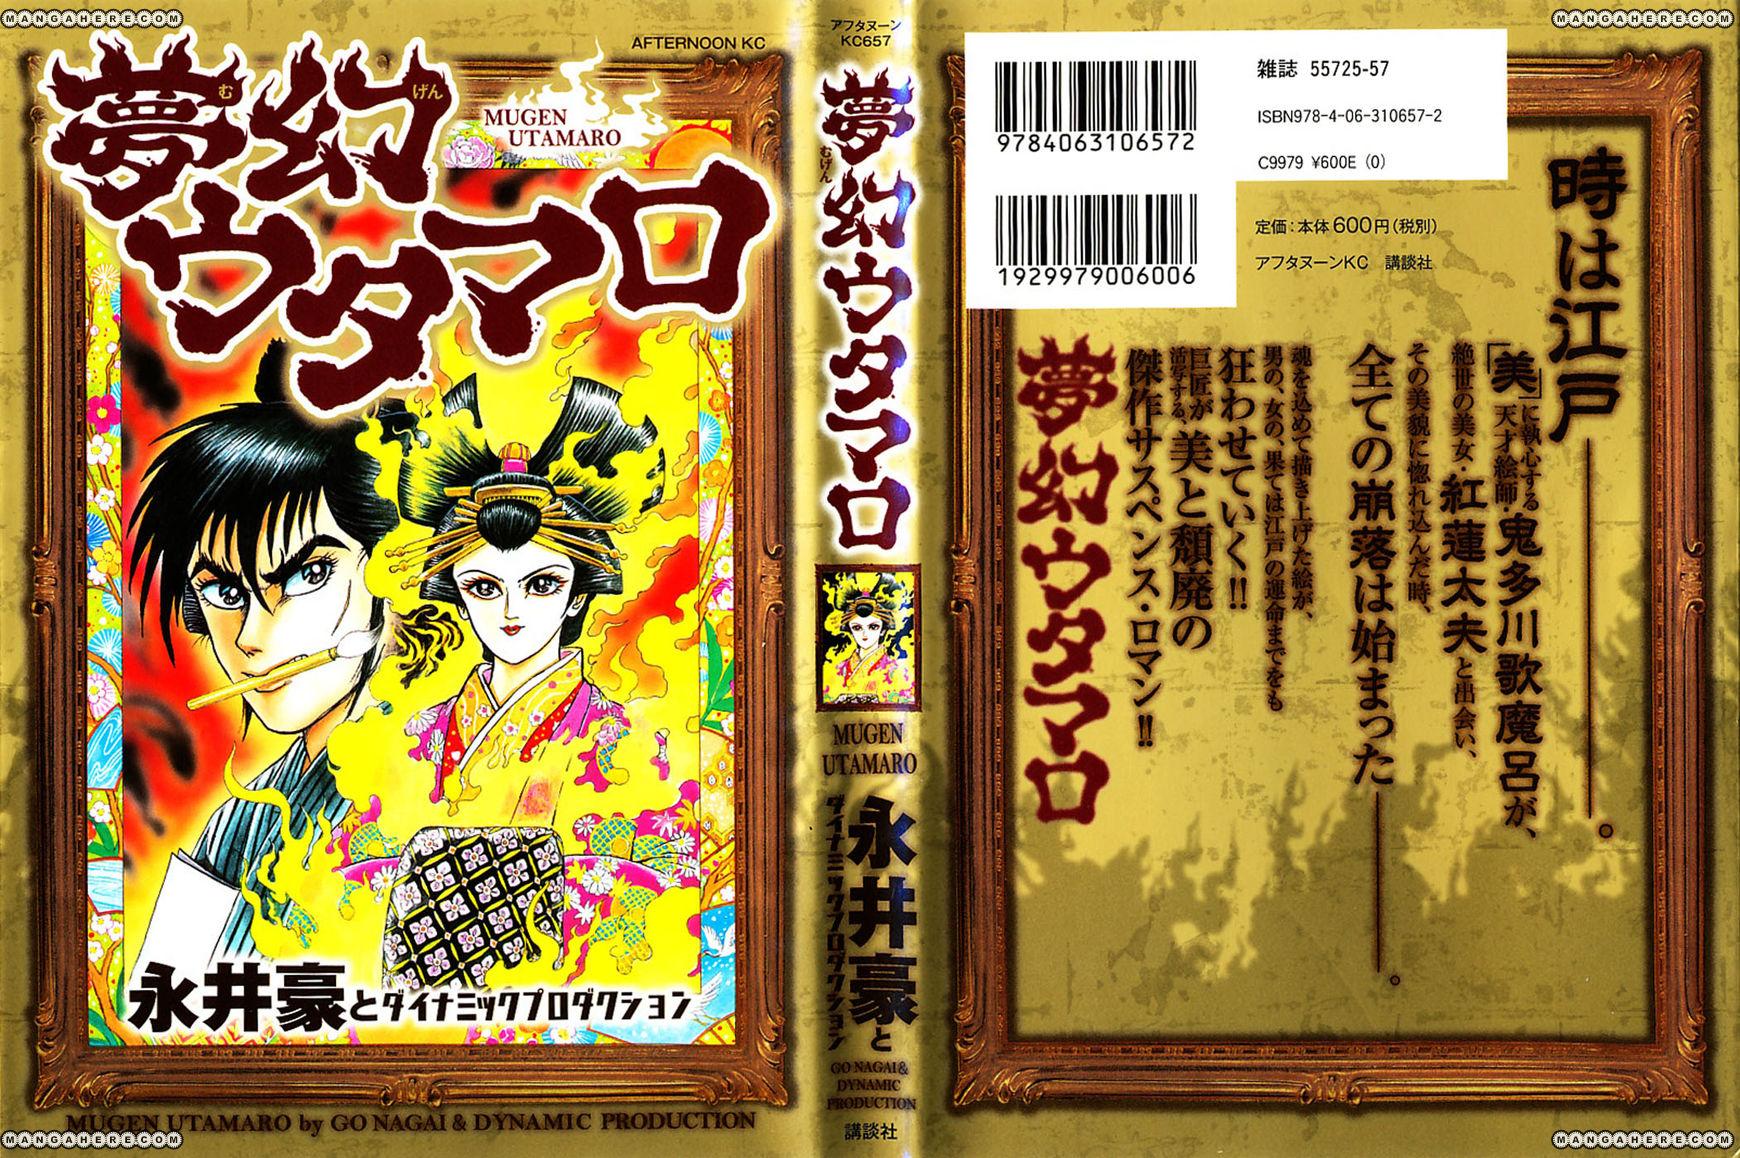 Mugen Utamaro 1 Page 1